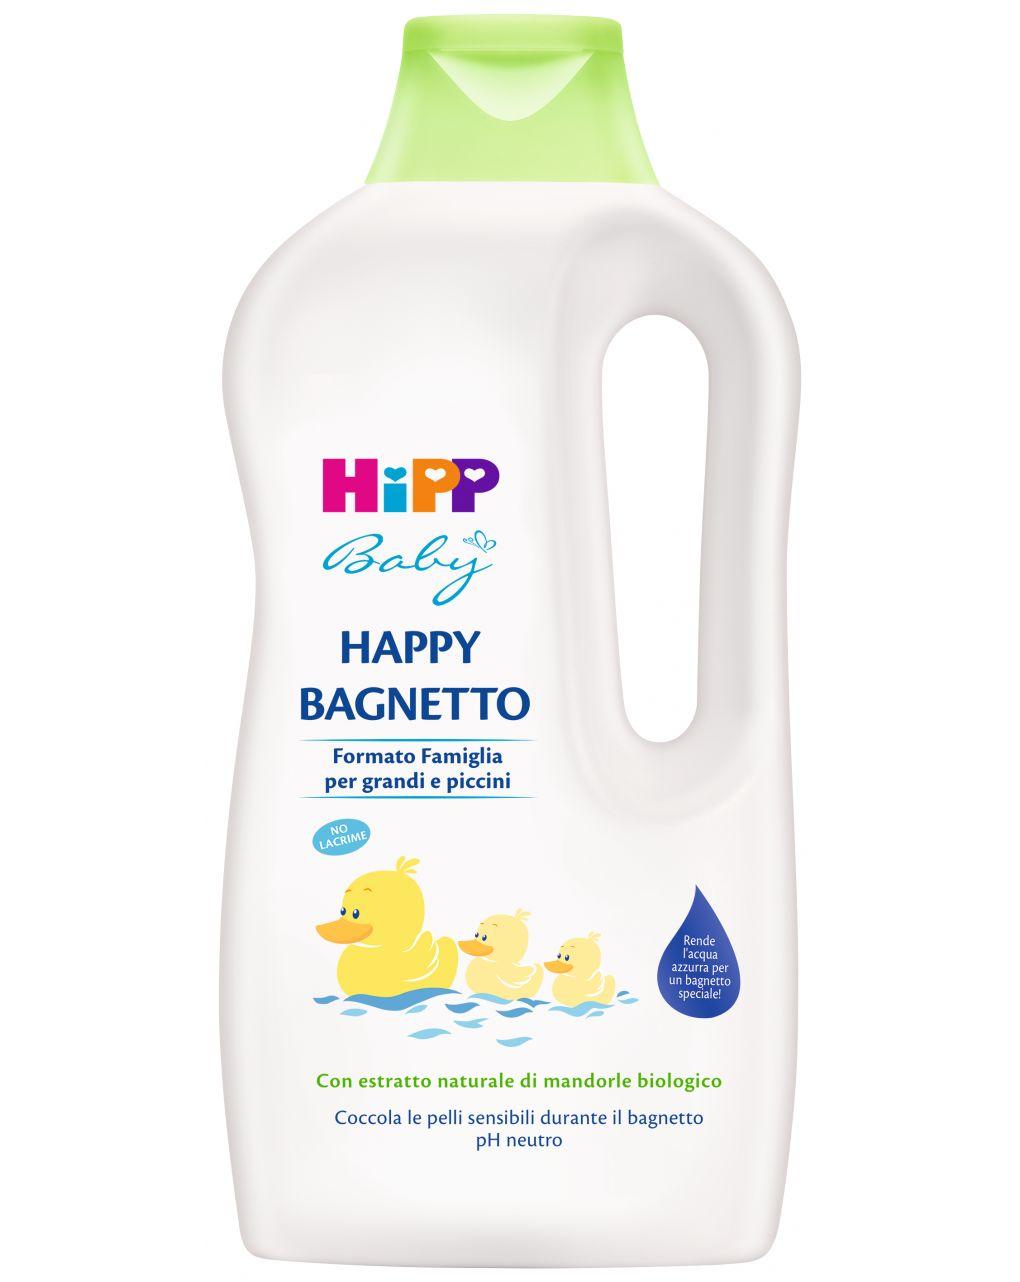 Happy bagnetto formato famiglia 1000 ml - Hipp Baby